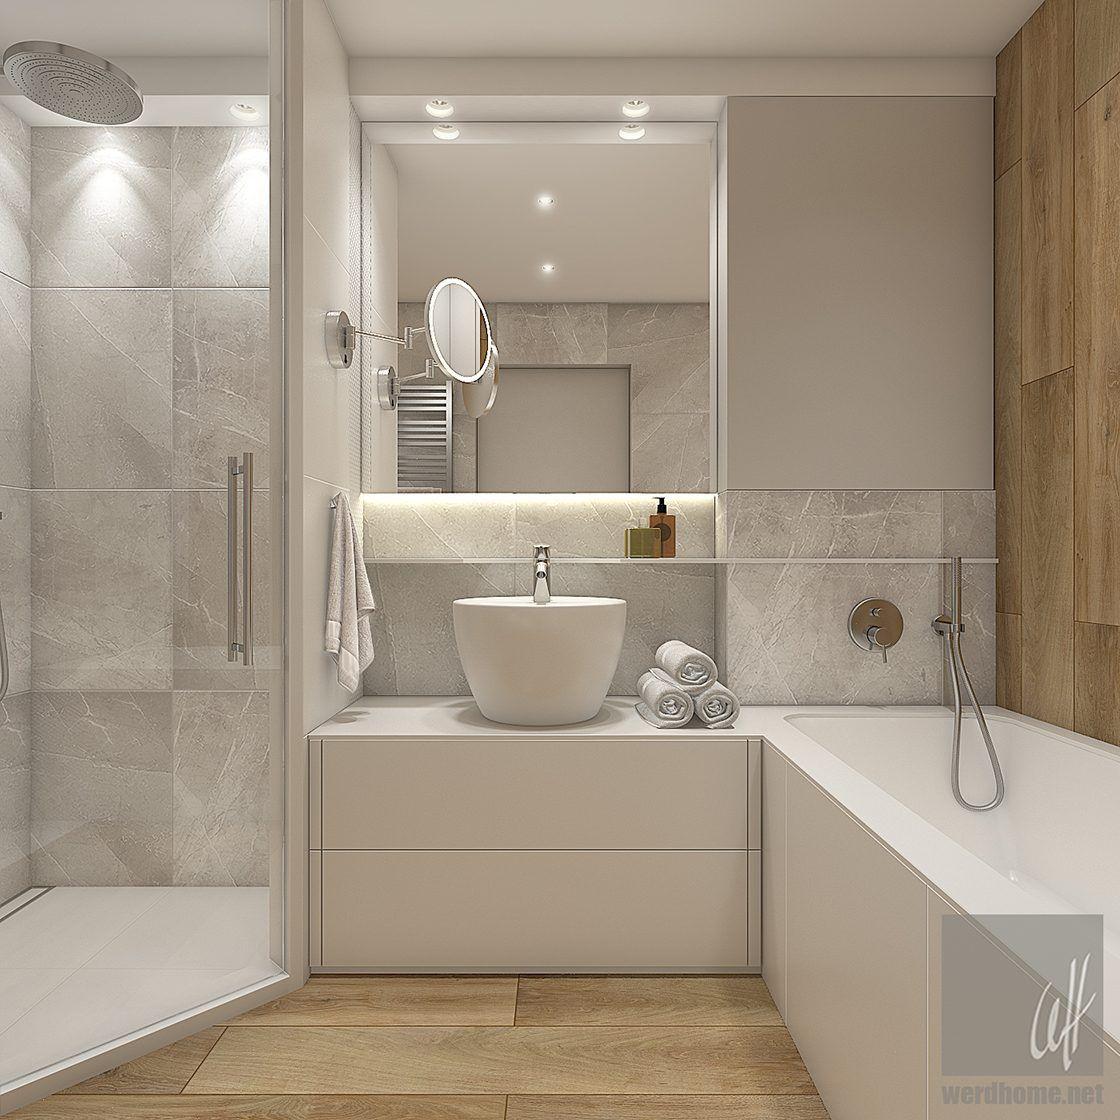 Aranzacje Lazienek Z Wanna I Prysznicem M Mieszkanie Bathroom Plans Bathroom Vanity Designs Bathroom Inspiration Modern